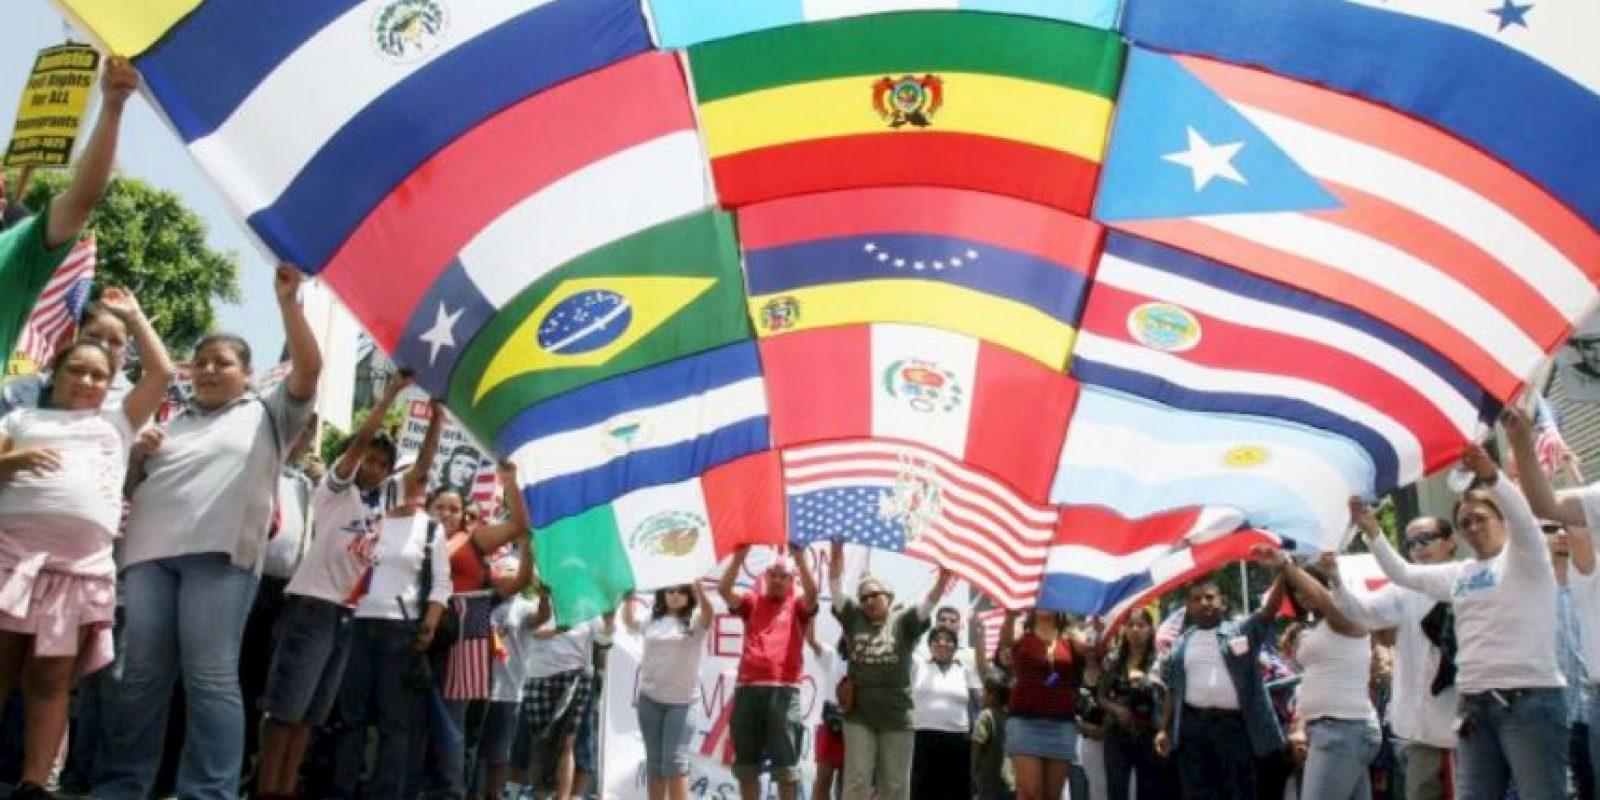 En 2012, el Departamento de Seguridad Nacional calculó que el número de inmigrantes no autorizados ascendía a 14 millones 400 mil. Foto:vía Getty Images